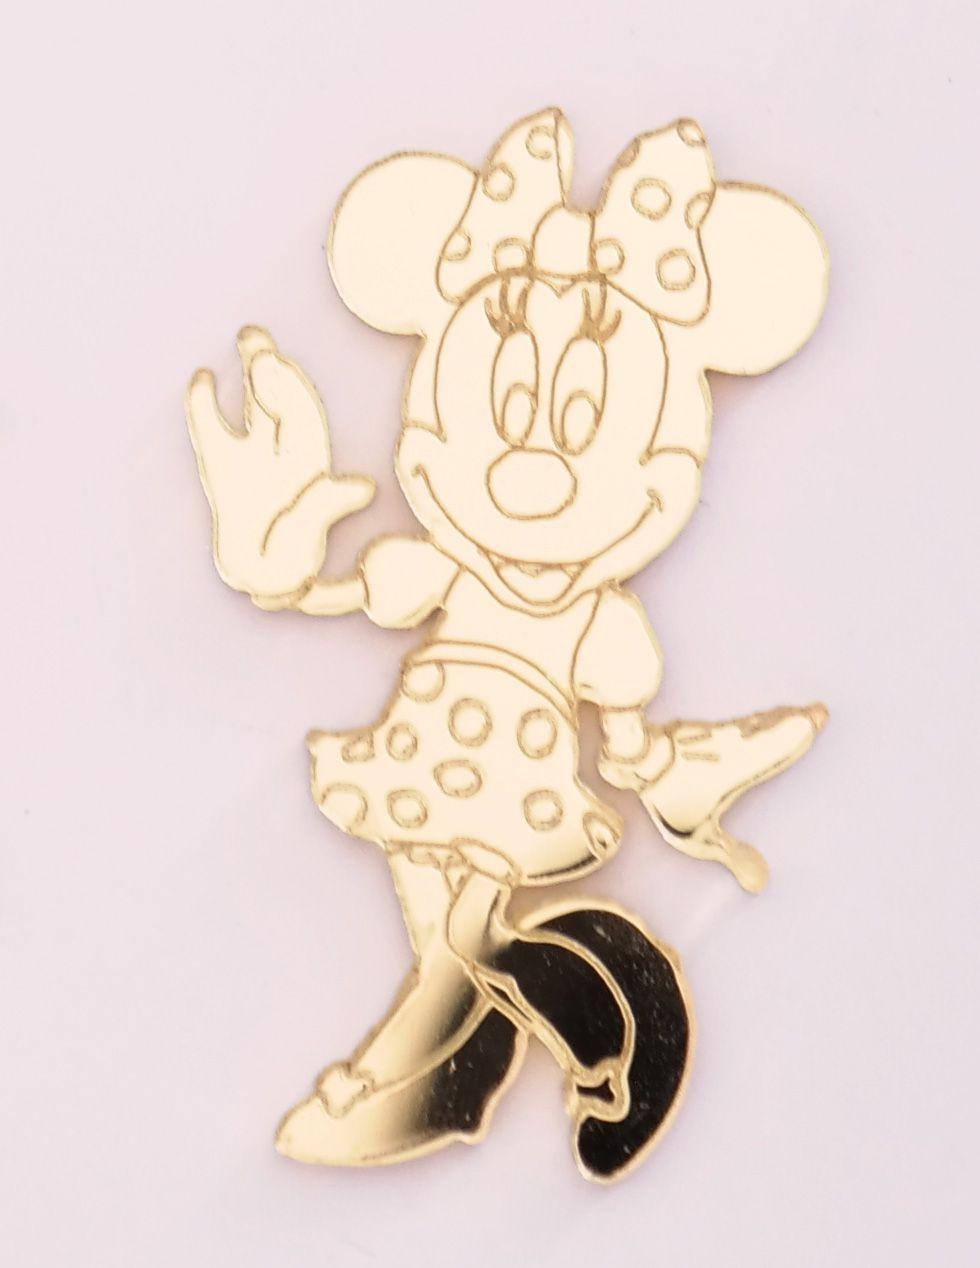 Aplique em acrílico espelhado - Minnie - 7cm - 10 peças